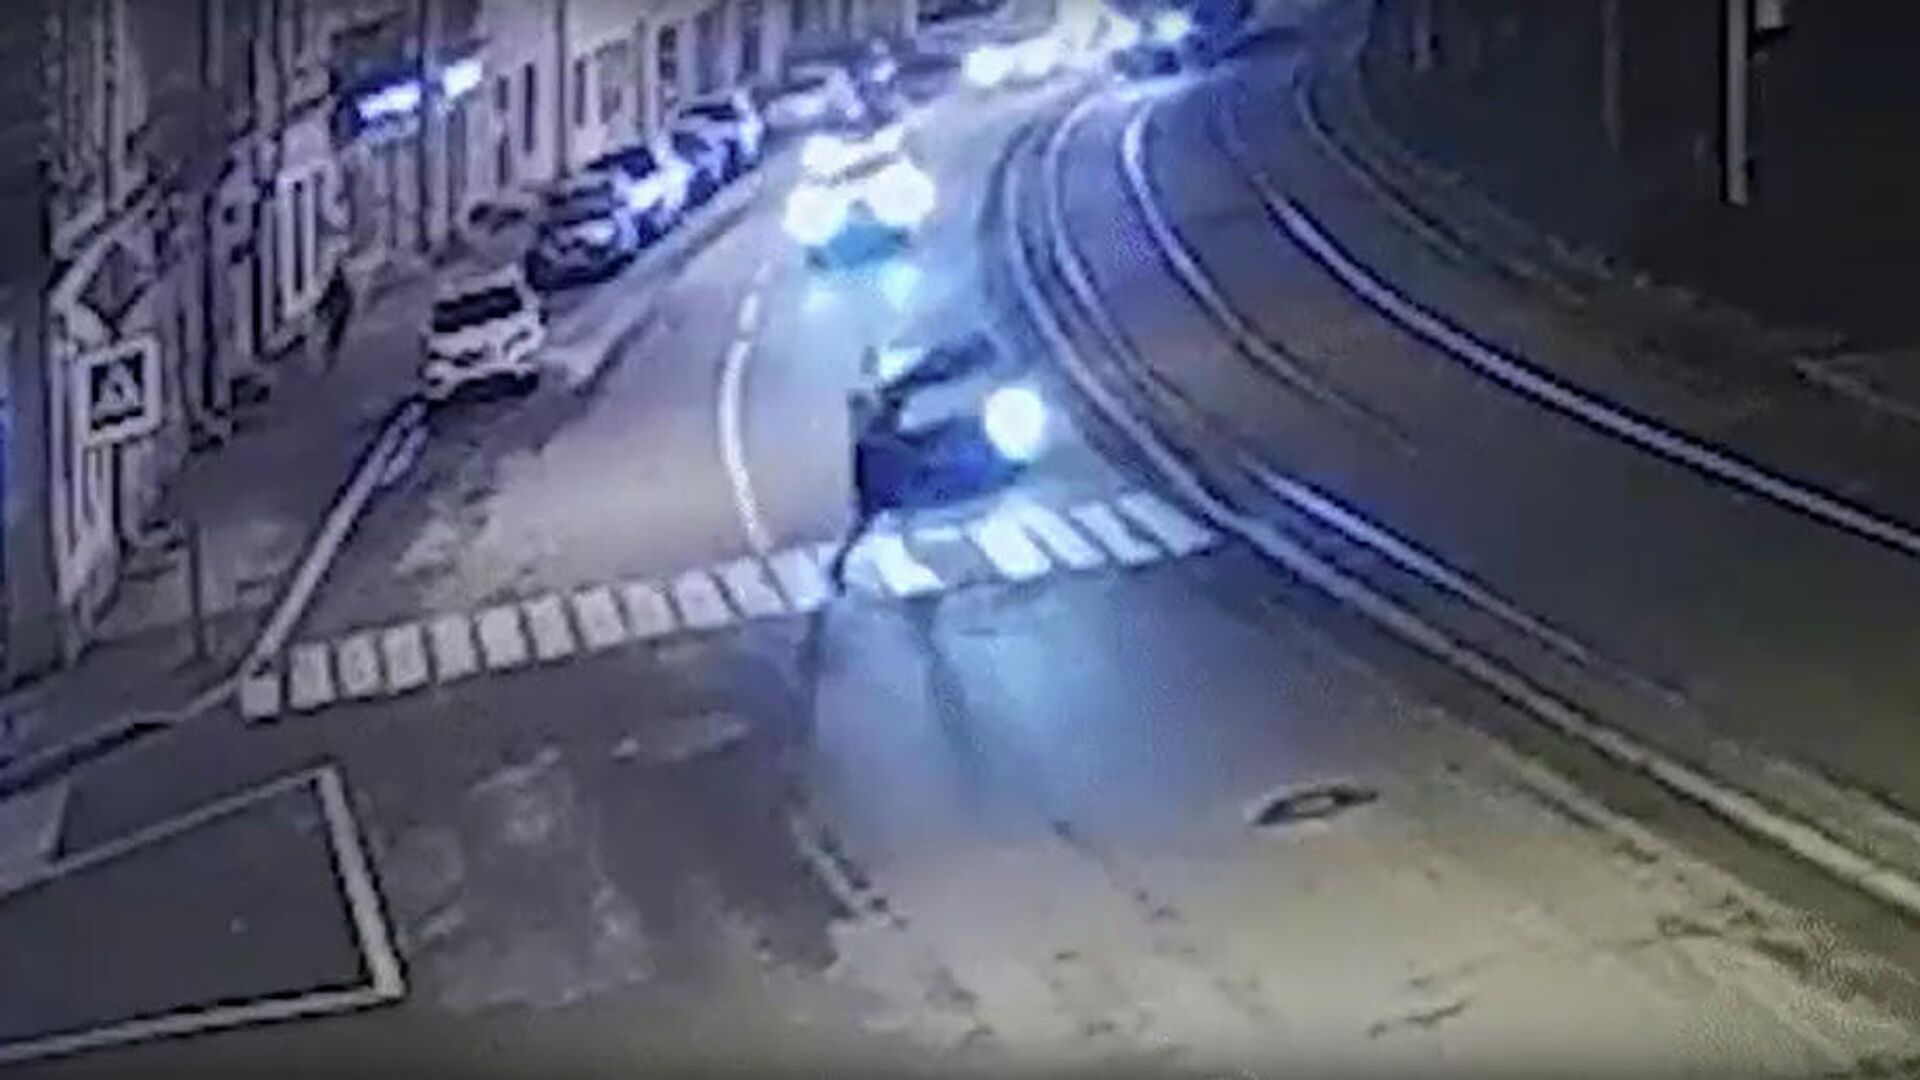 Кадр видео наезда на пешехода в Санкт-Петербурге - РИА Новости, 1920, 01.01.2021